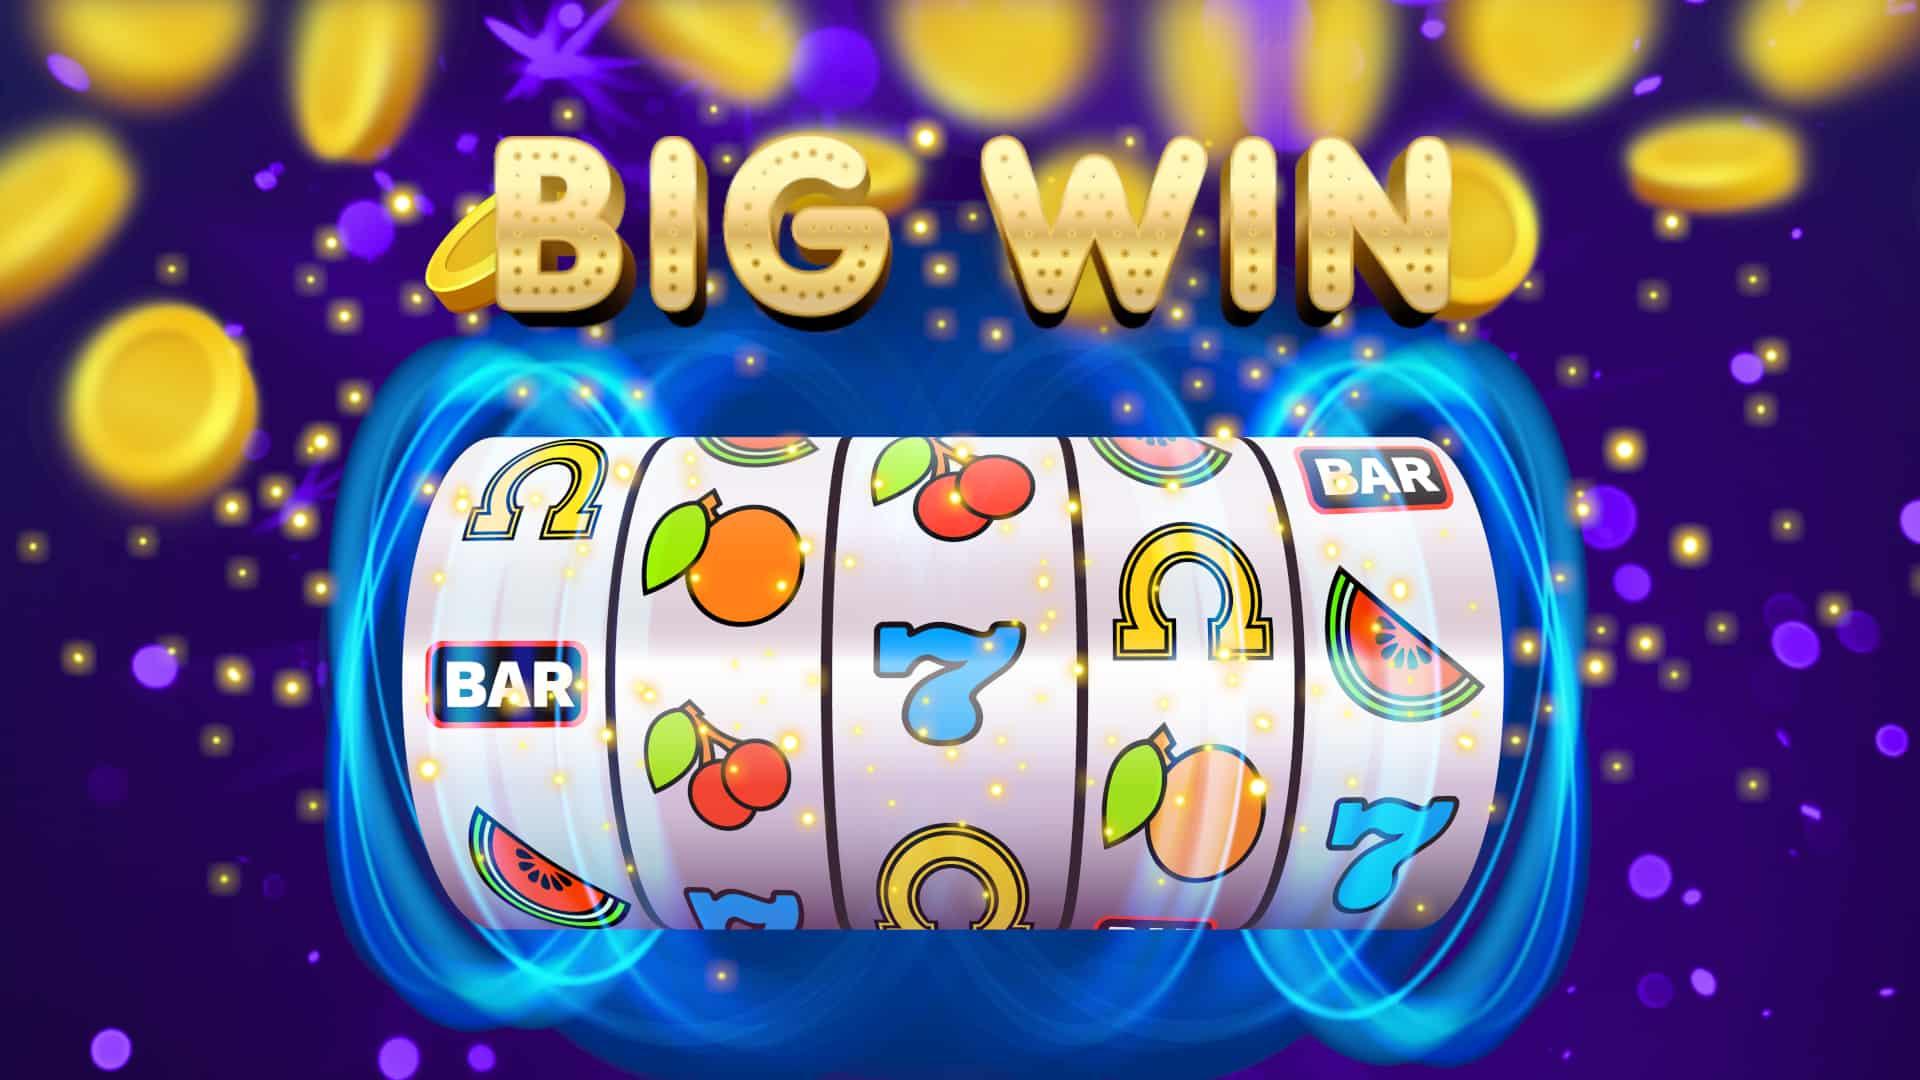 Los premios más grandes en la historia del casino